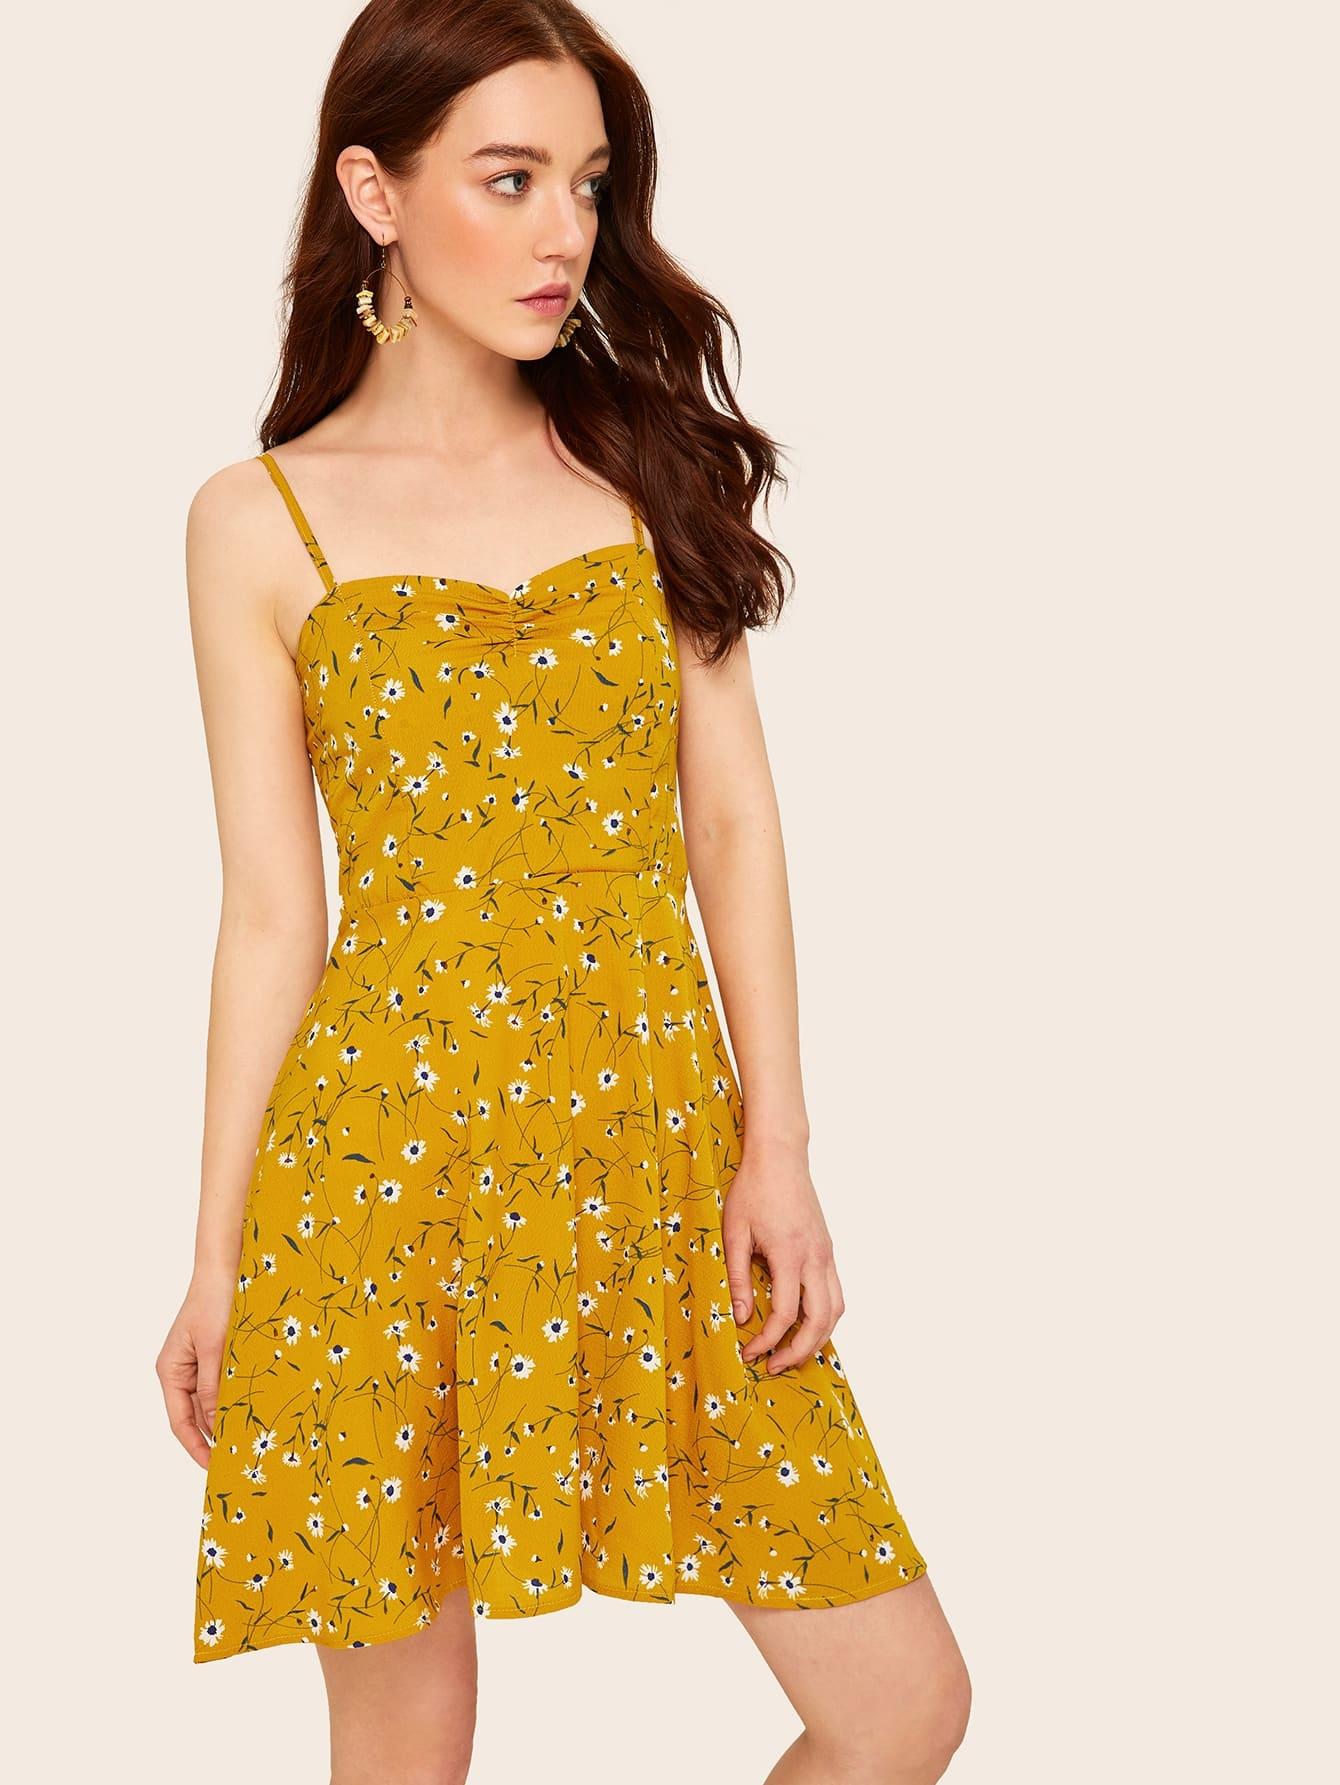 Фото - Цветочное платье на бретелях с оборкой сзади от SheIn цвет жёлтые